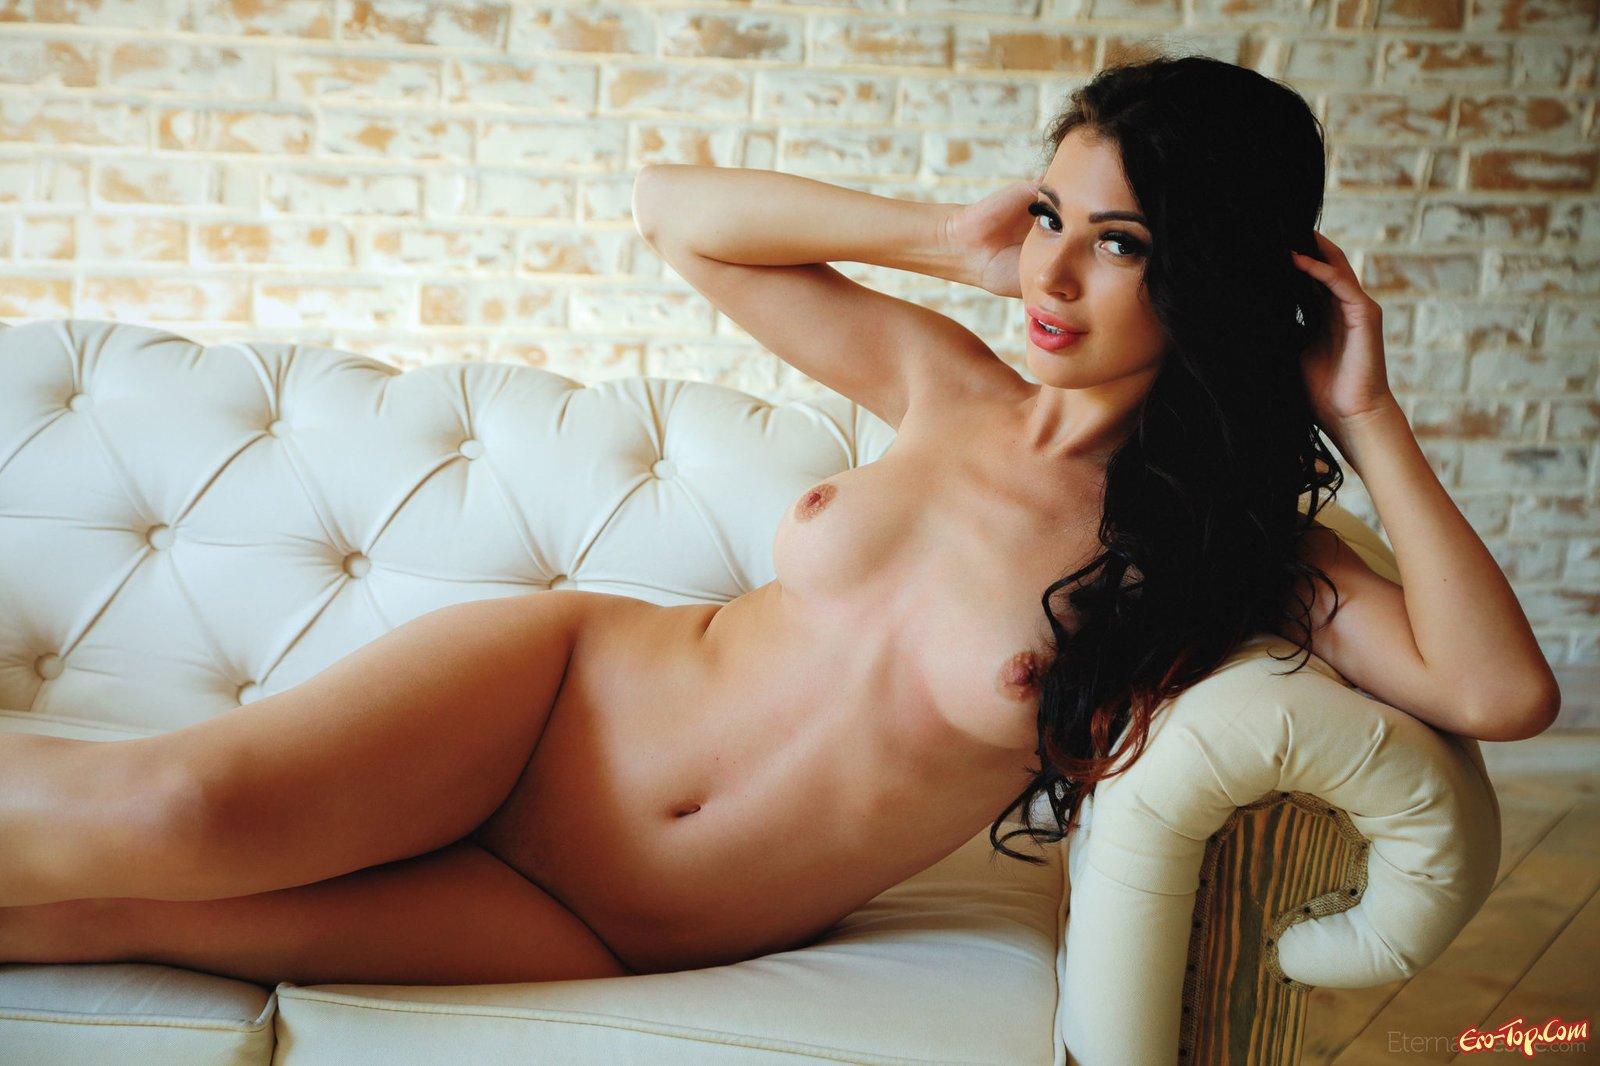 Красивая девушка раздвигает промежность на диване